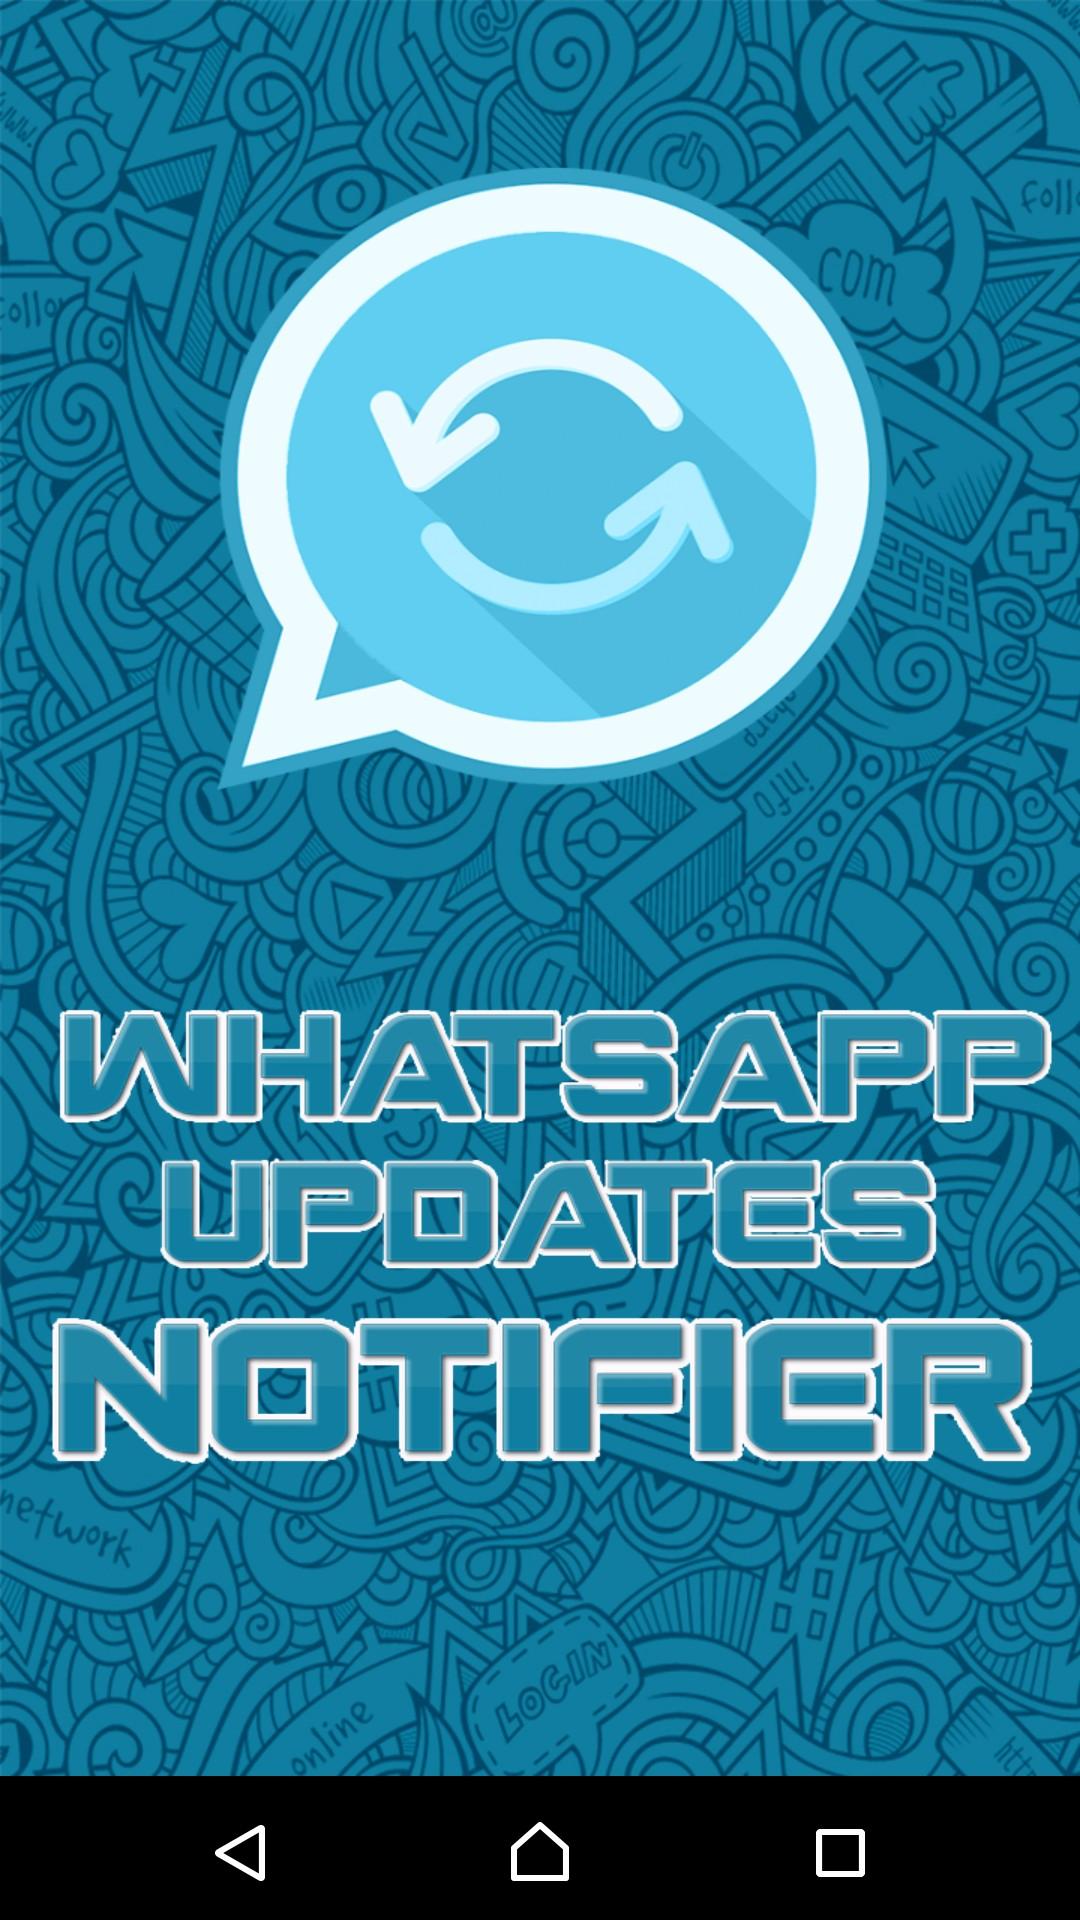 Notifier for WhatsApp